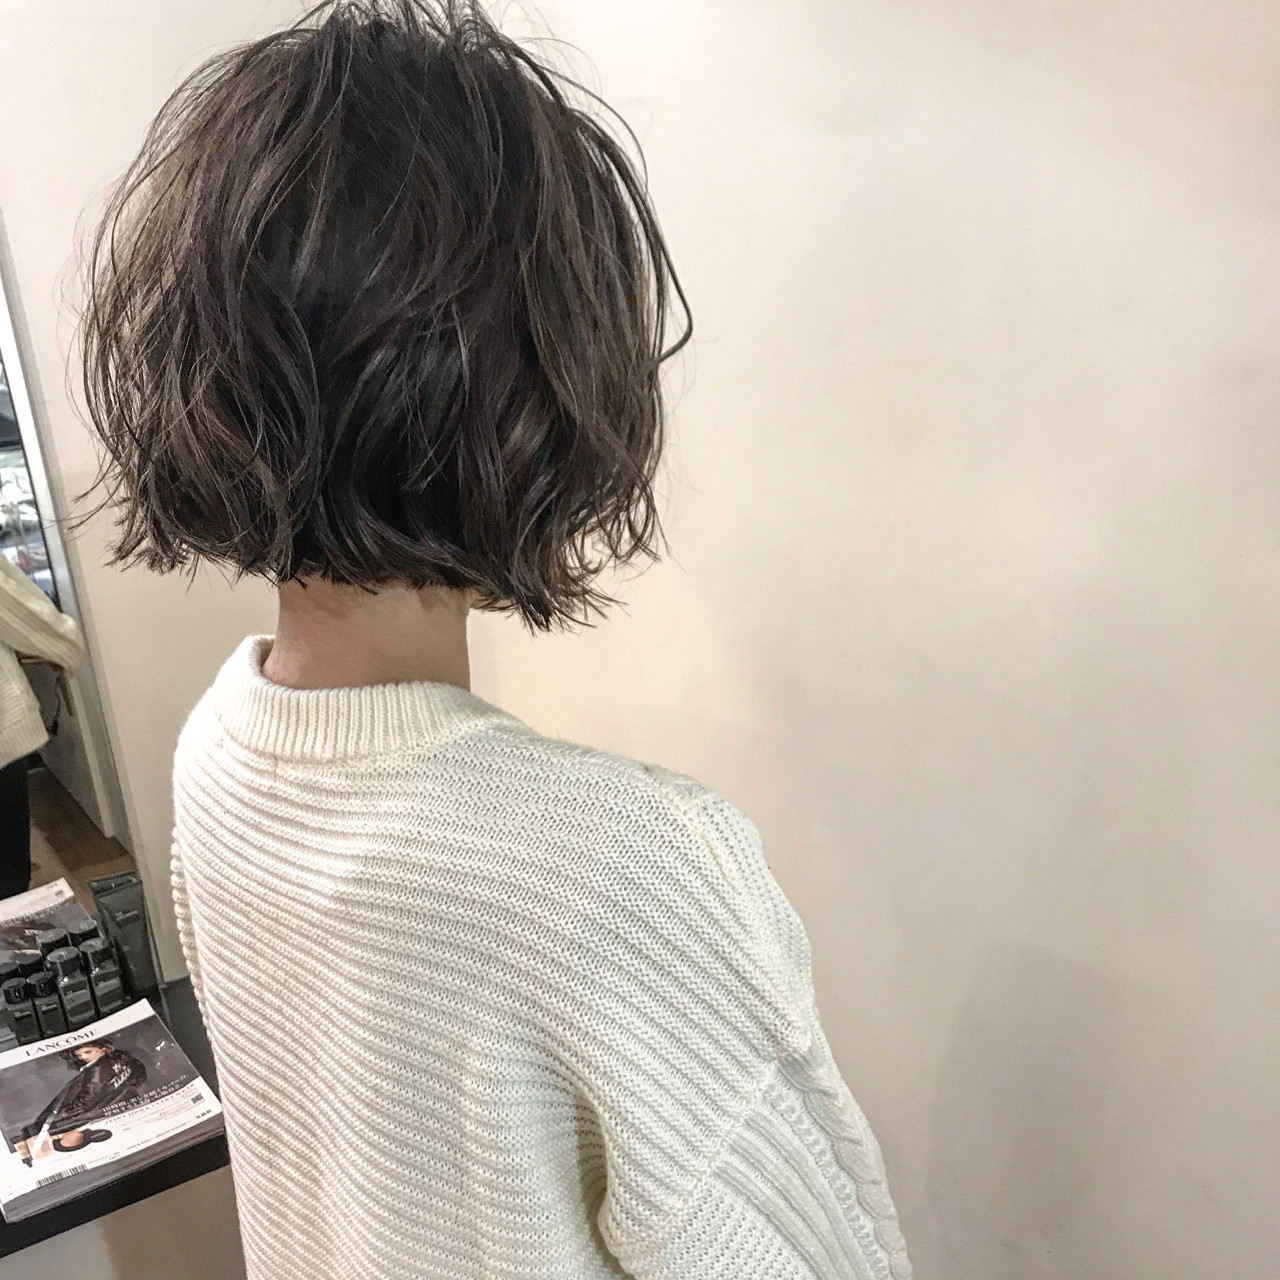 ゆるふわ ウェーブ アンニュイほつれヘア ボブ ヘアスタイルや髪型の写真・画像